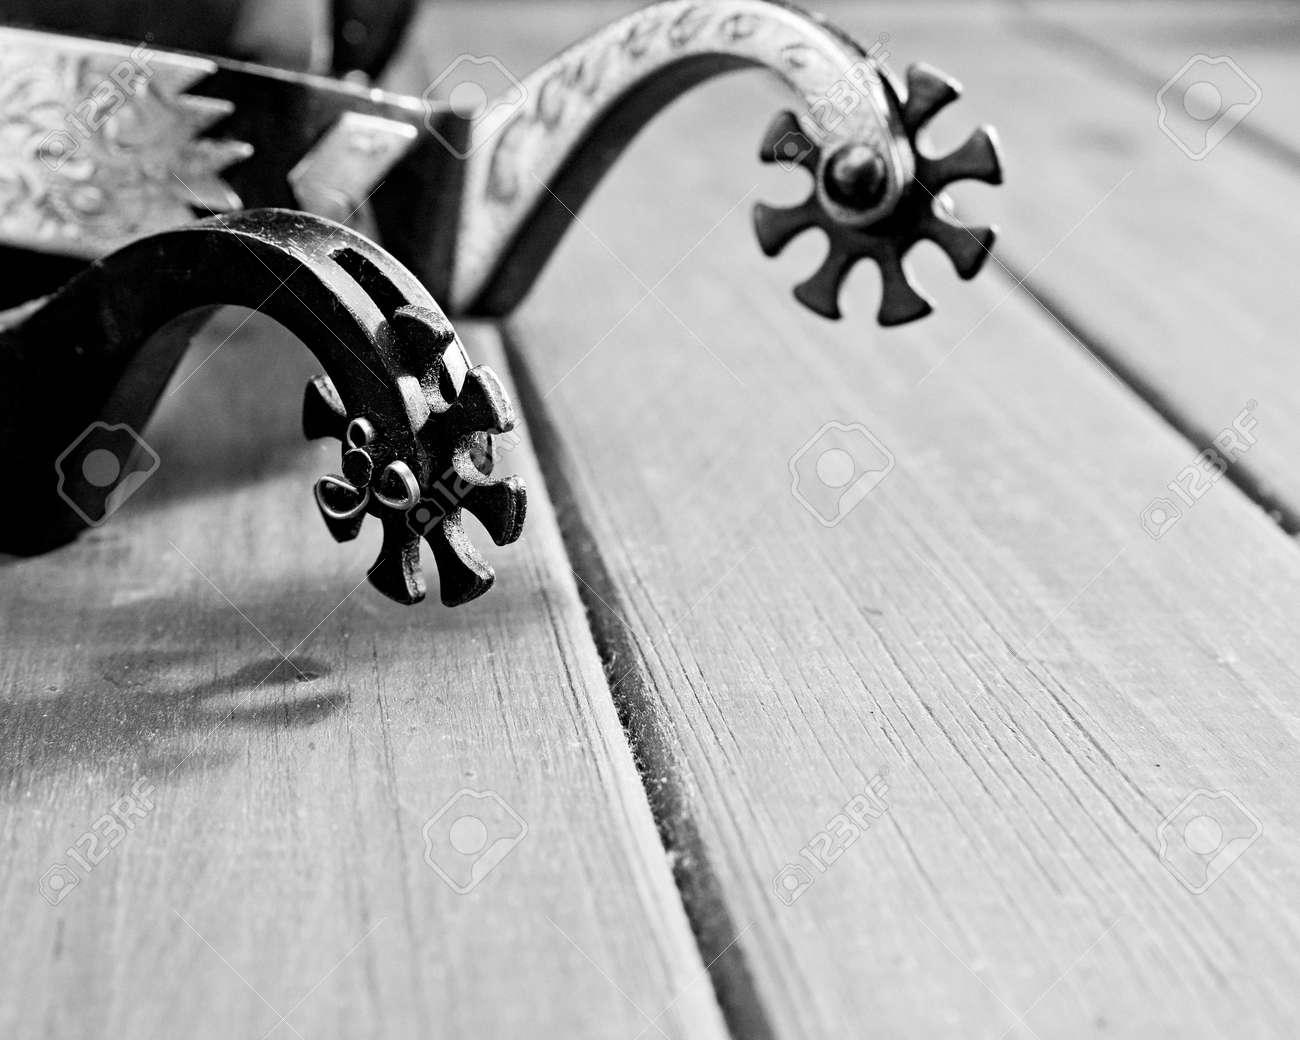 Retro still life. Spurs over vintage wooden desk - 159256857